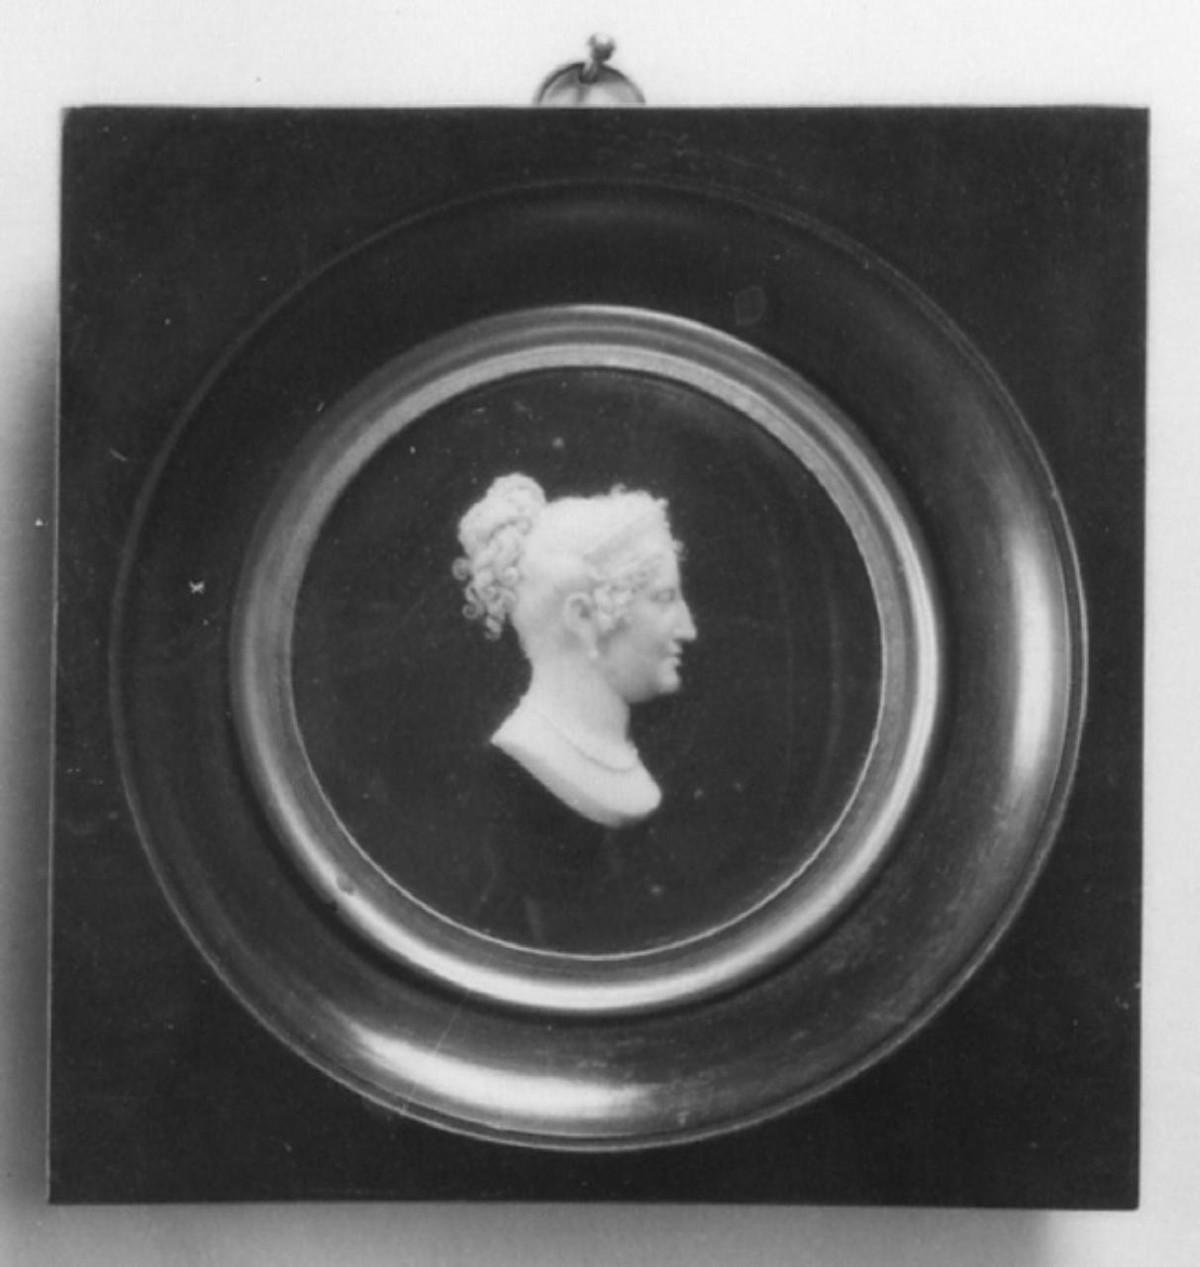 Ritratto di Maria Luisa di Borbone, ritratto di donna (rilievo) di Santarelli Giovanni Antonio (sec. XIX)